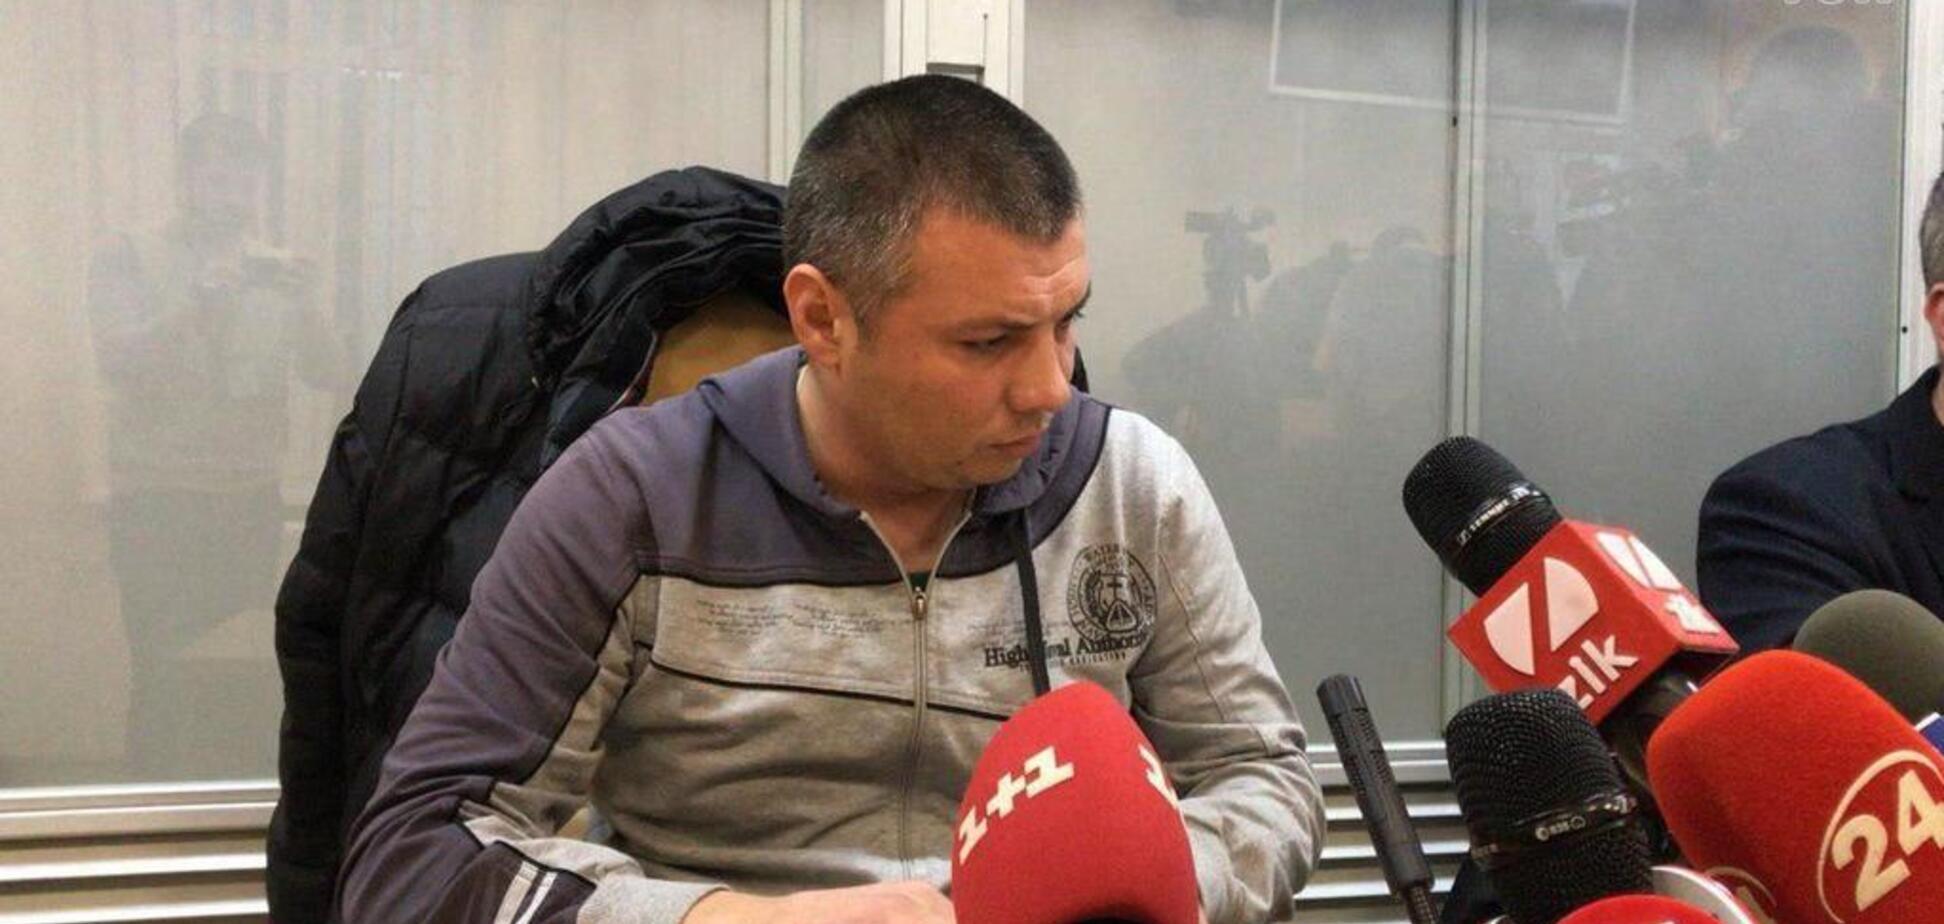 Розкрито особистість поліцейського-учасника побоїща у Києві